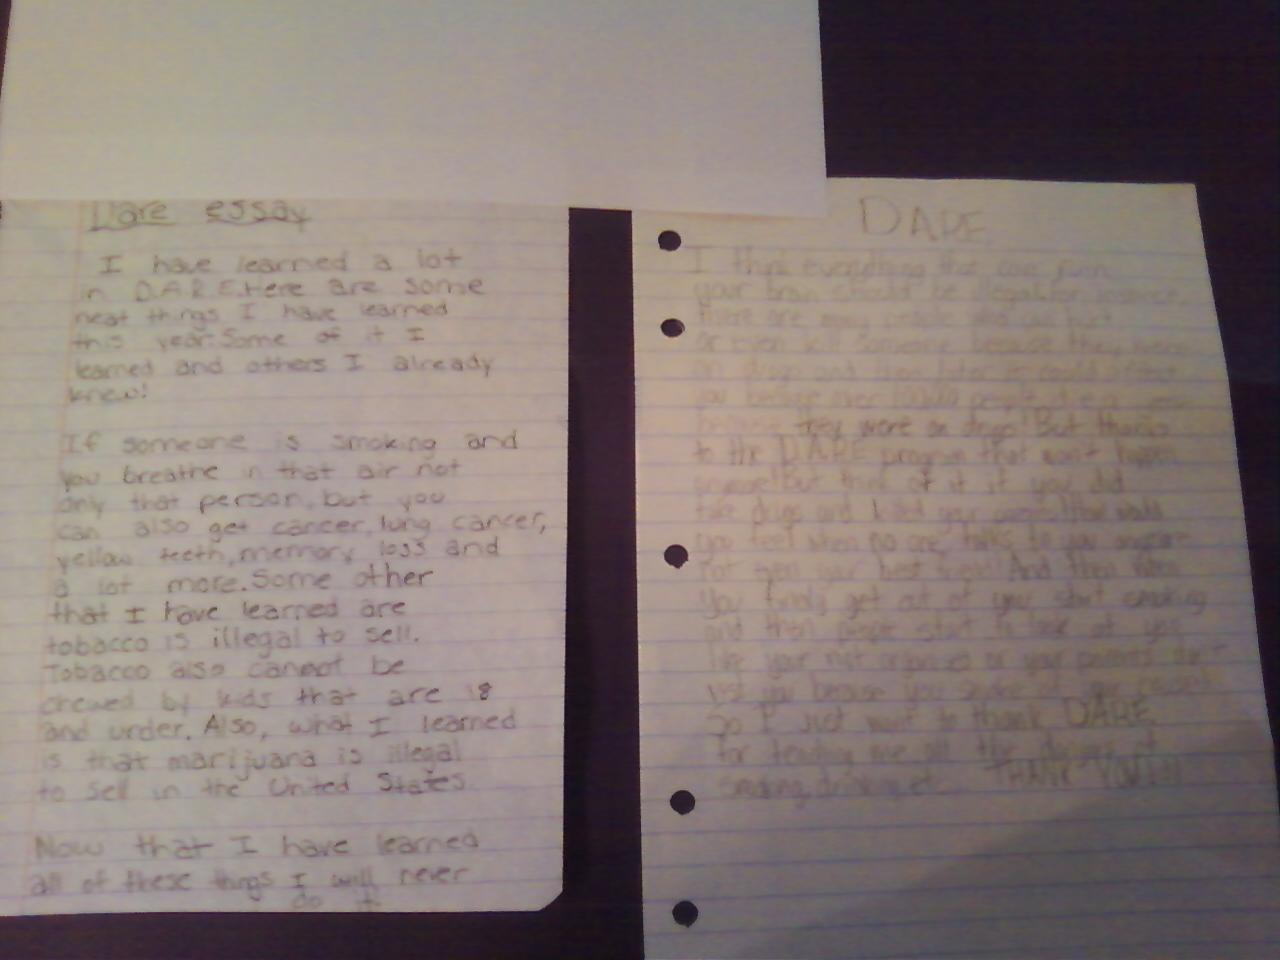 024 Dare Essay Dare6 Dreaded Examples 2016 For 5th Grade Full